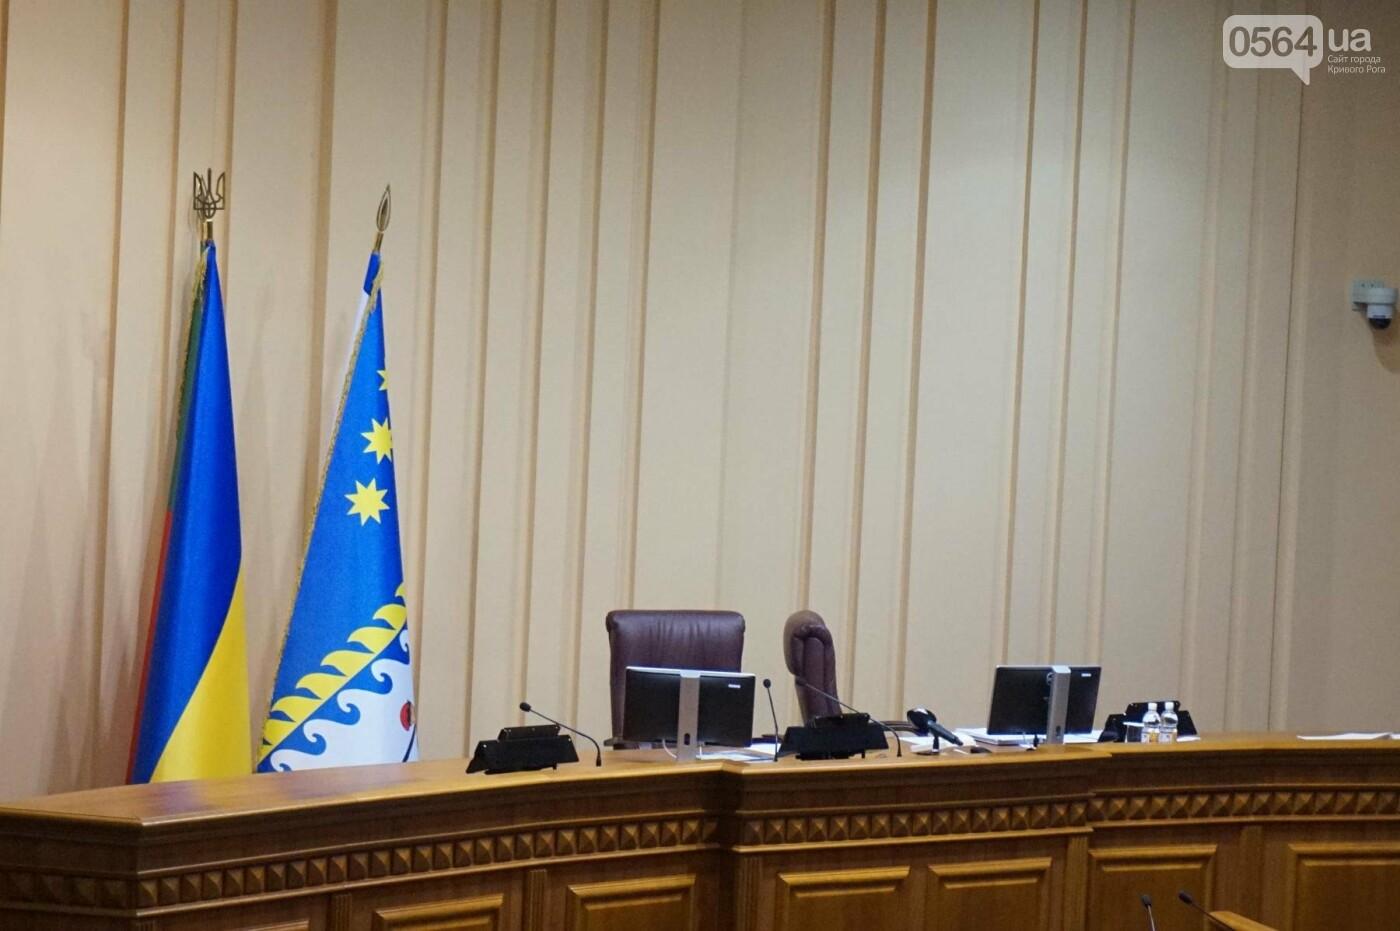 В Кривом Роге началась сессия. Впервые после обысков появилась Ольга Бабенко (ФОТО), фото-5